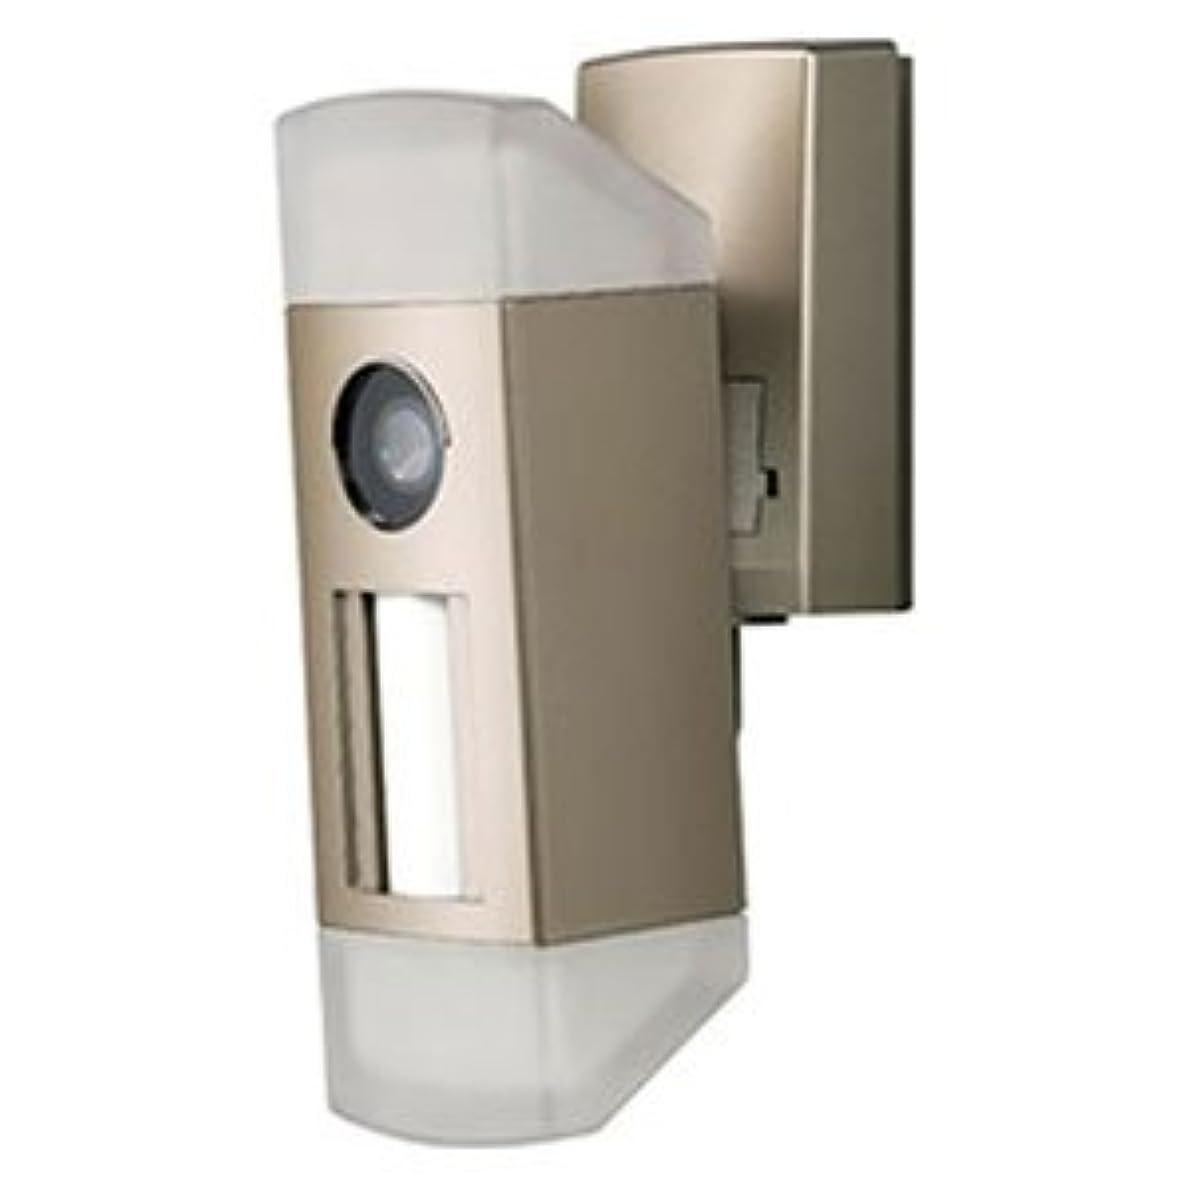 衝突するより平らなシンポジウムアイホン センサーライトカメラ WJW-LC-T